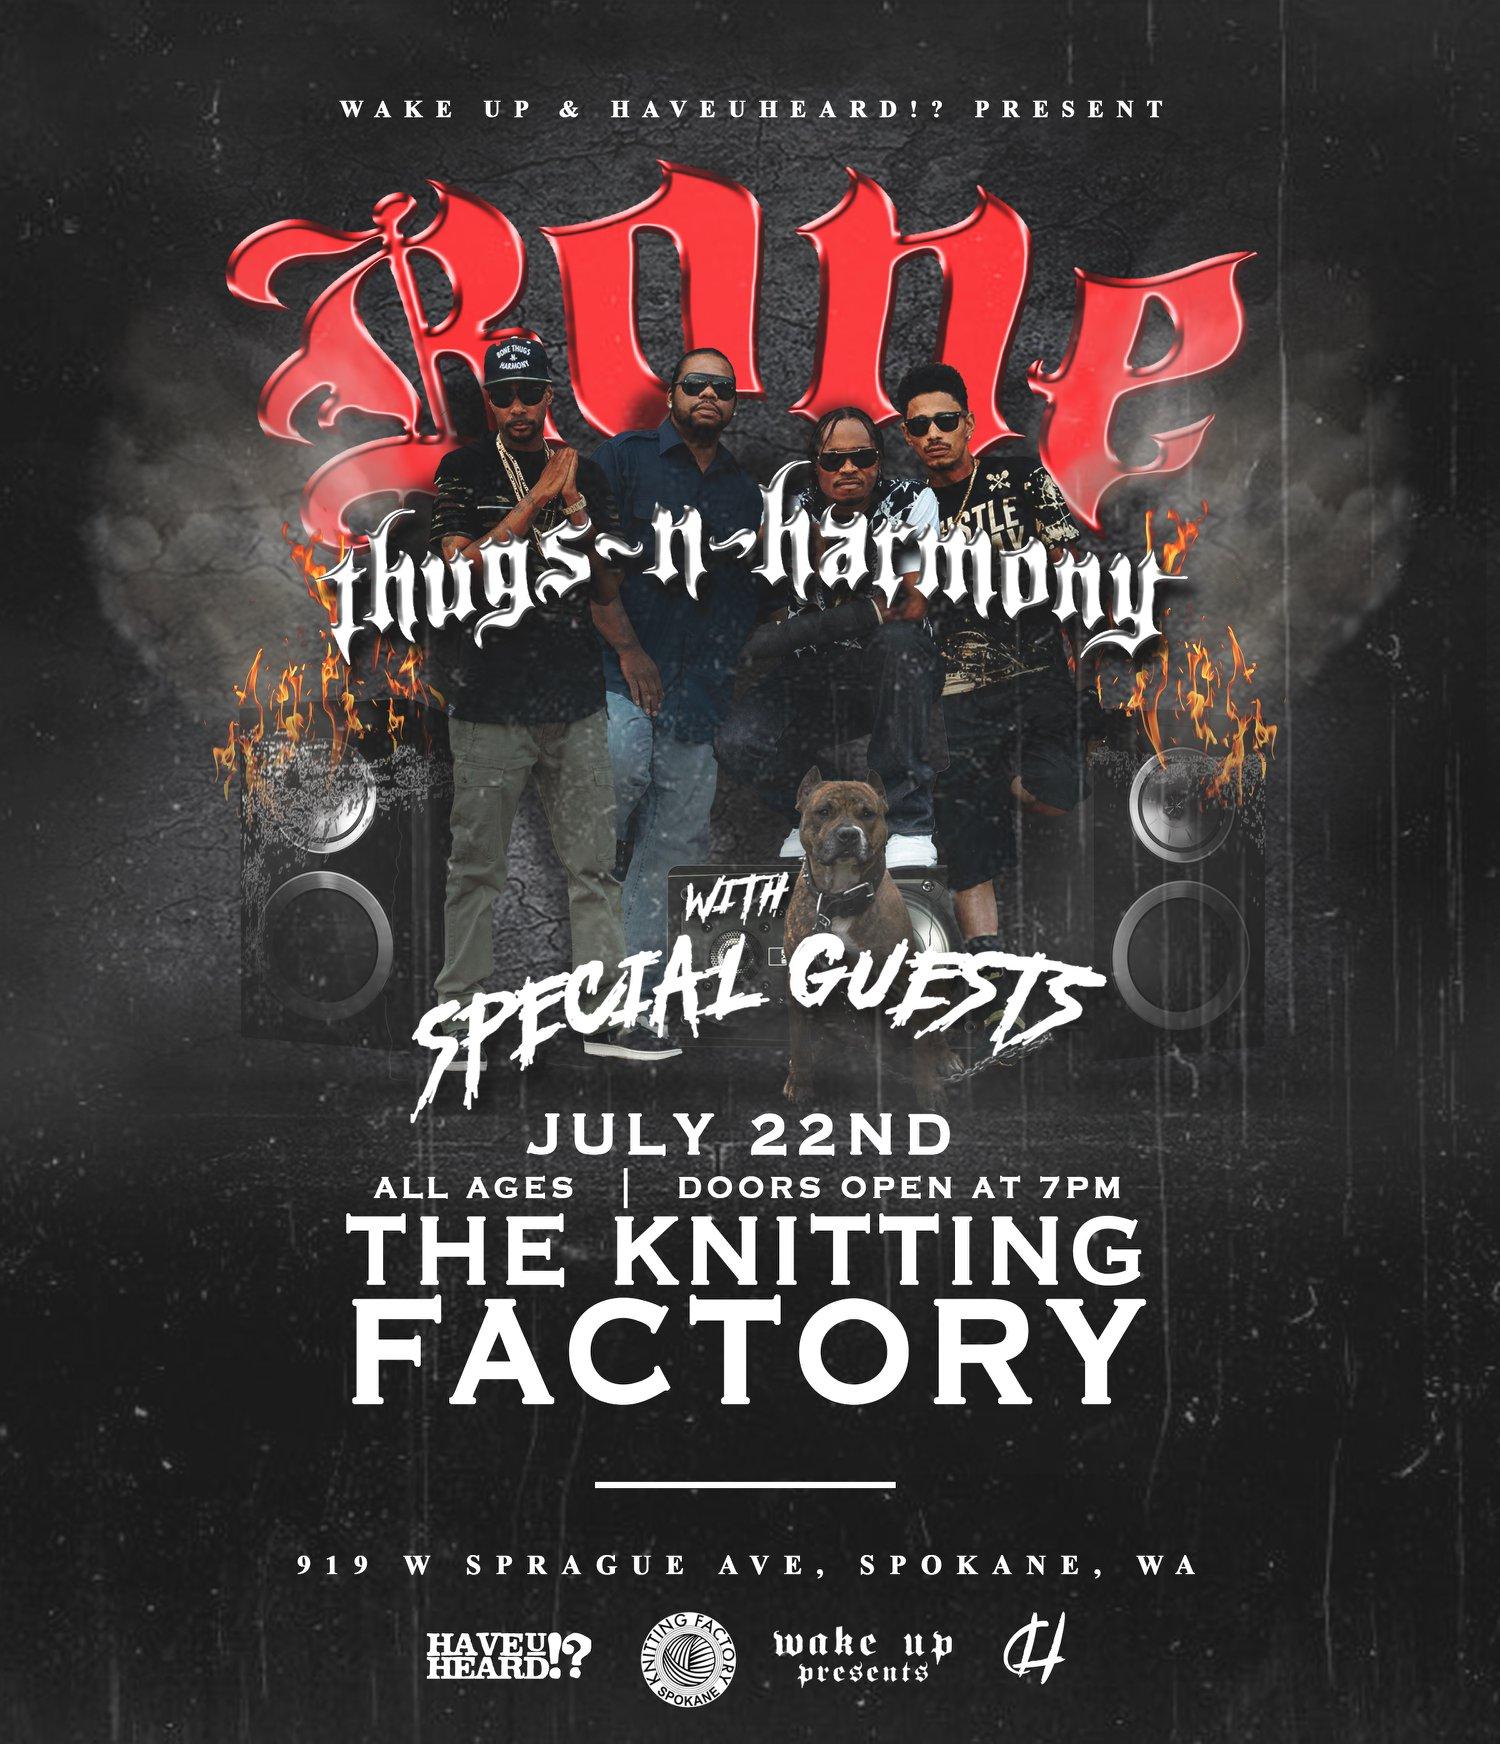 Bone Thugs-N-Harmony Concert Smokelist